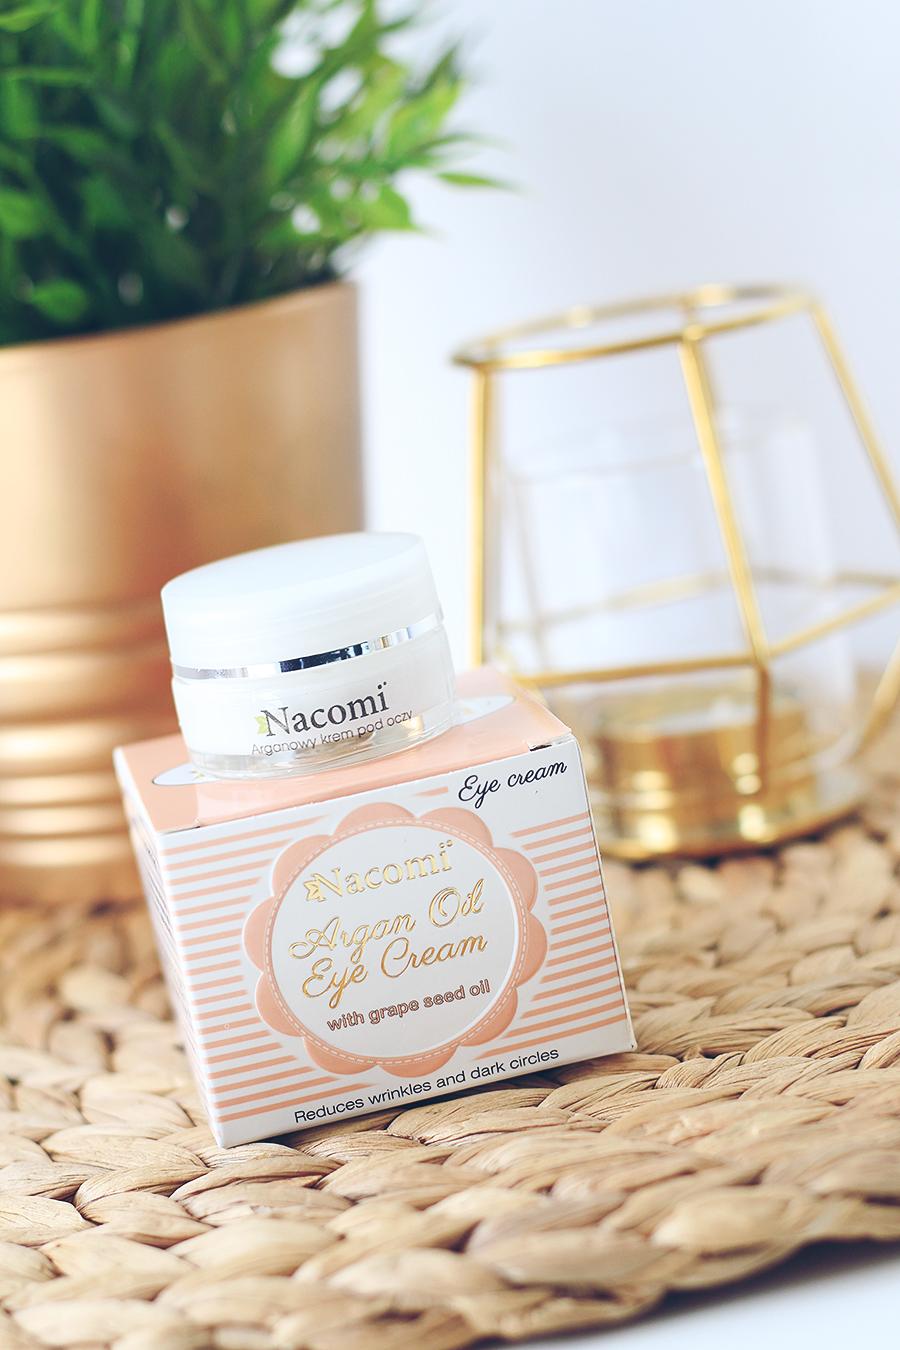 Codzienna pielęgnacja twarzy z marką Nacomi | Aloesowy żel krem, Hialuronowe serum żelowe & Arganowy krem pod oczy